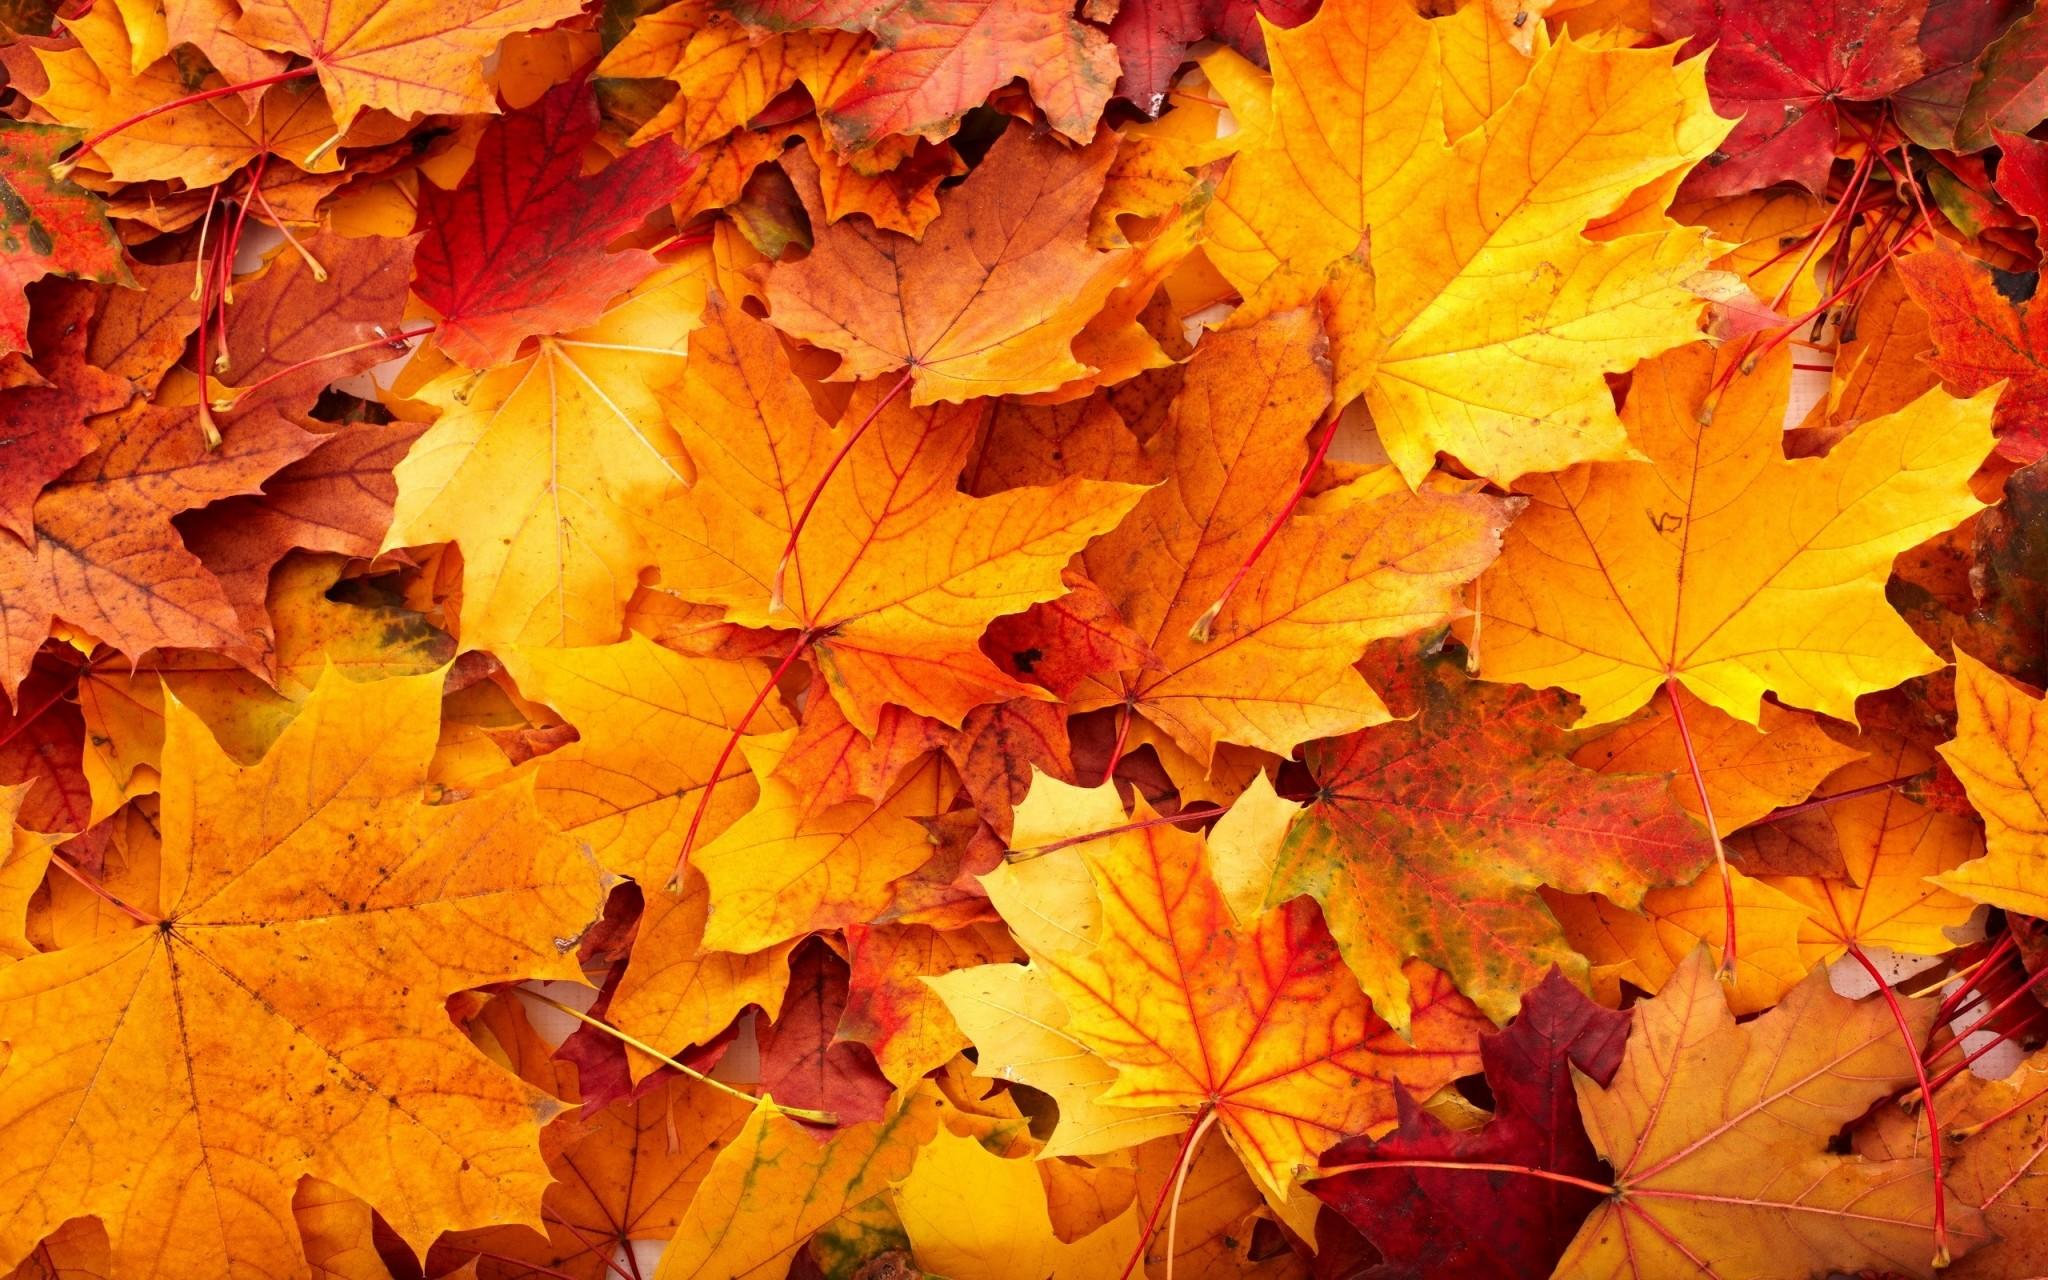 Autumn · autumn wallpaper backgrounds hd